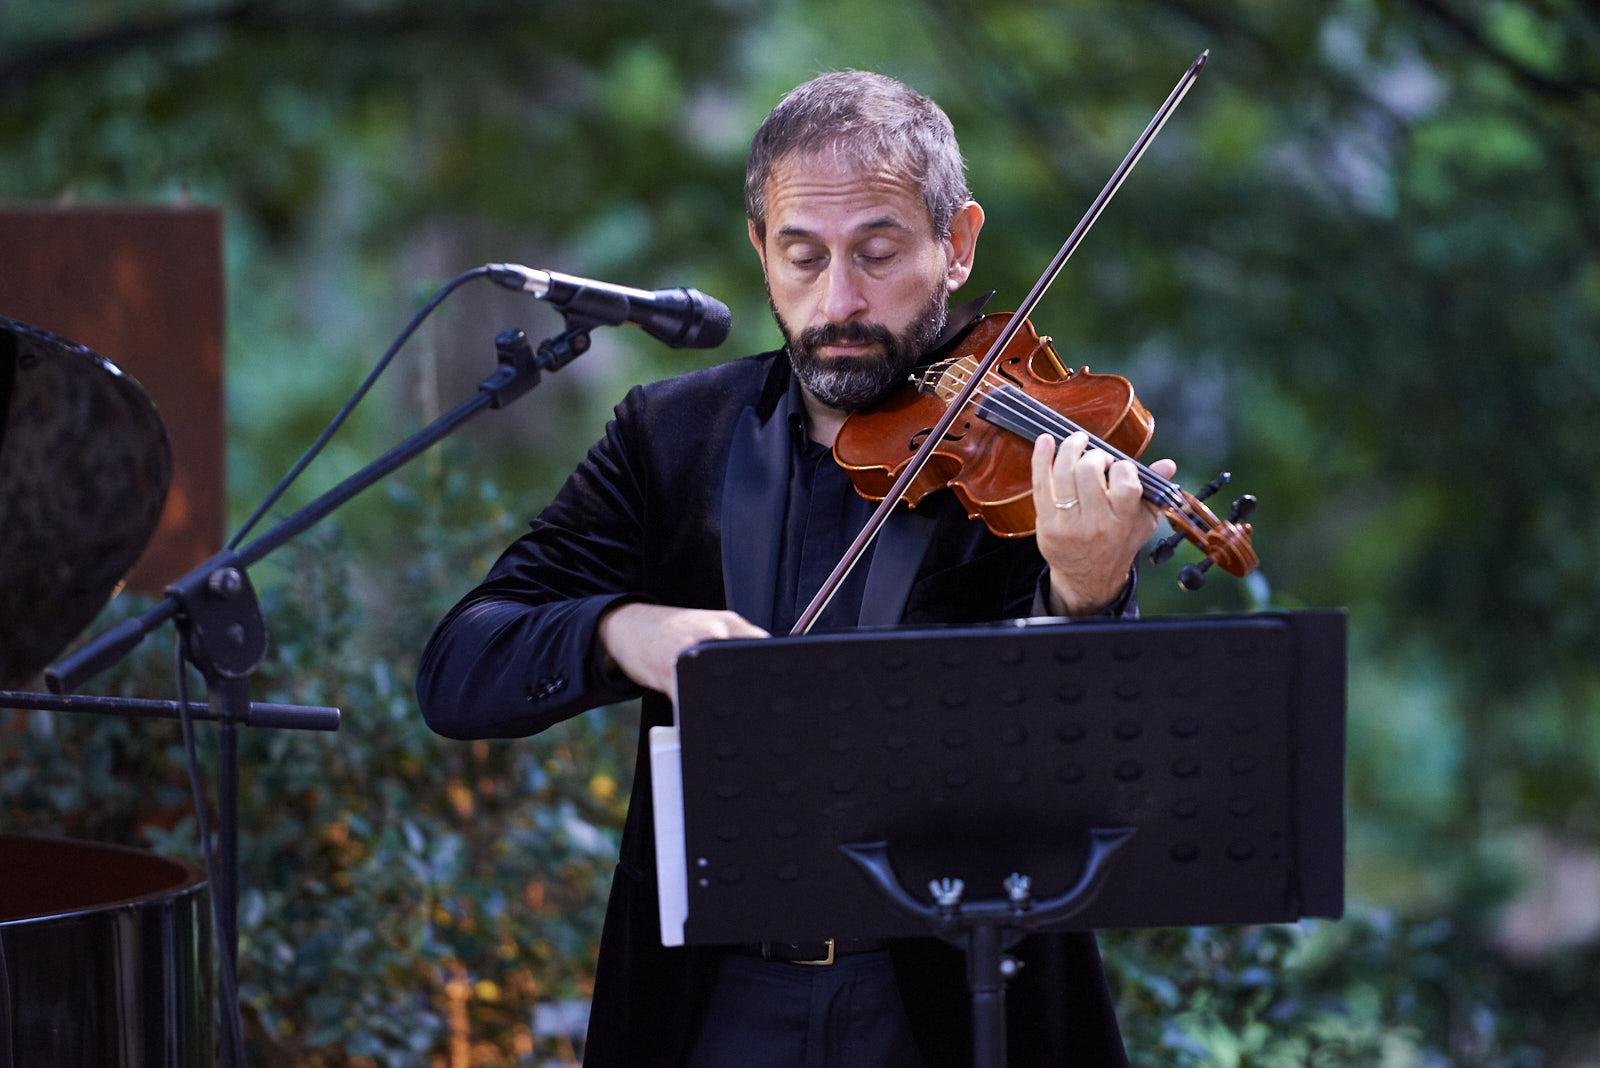 Carlo Lazzaroni